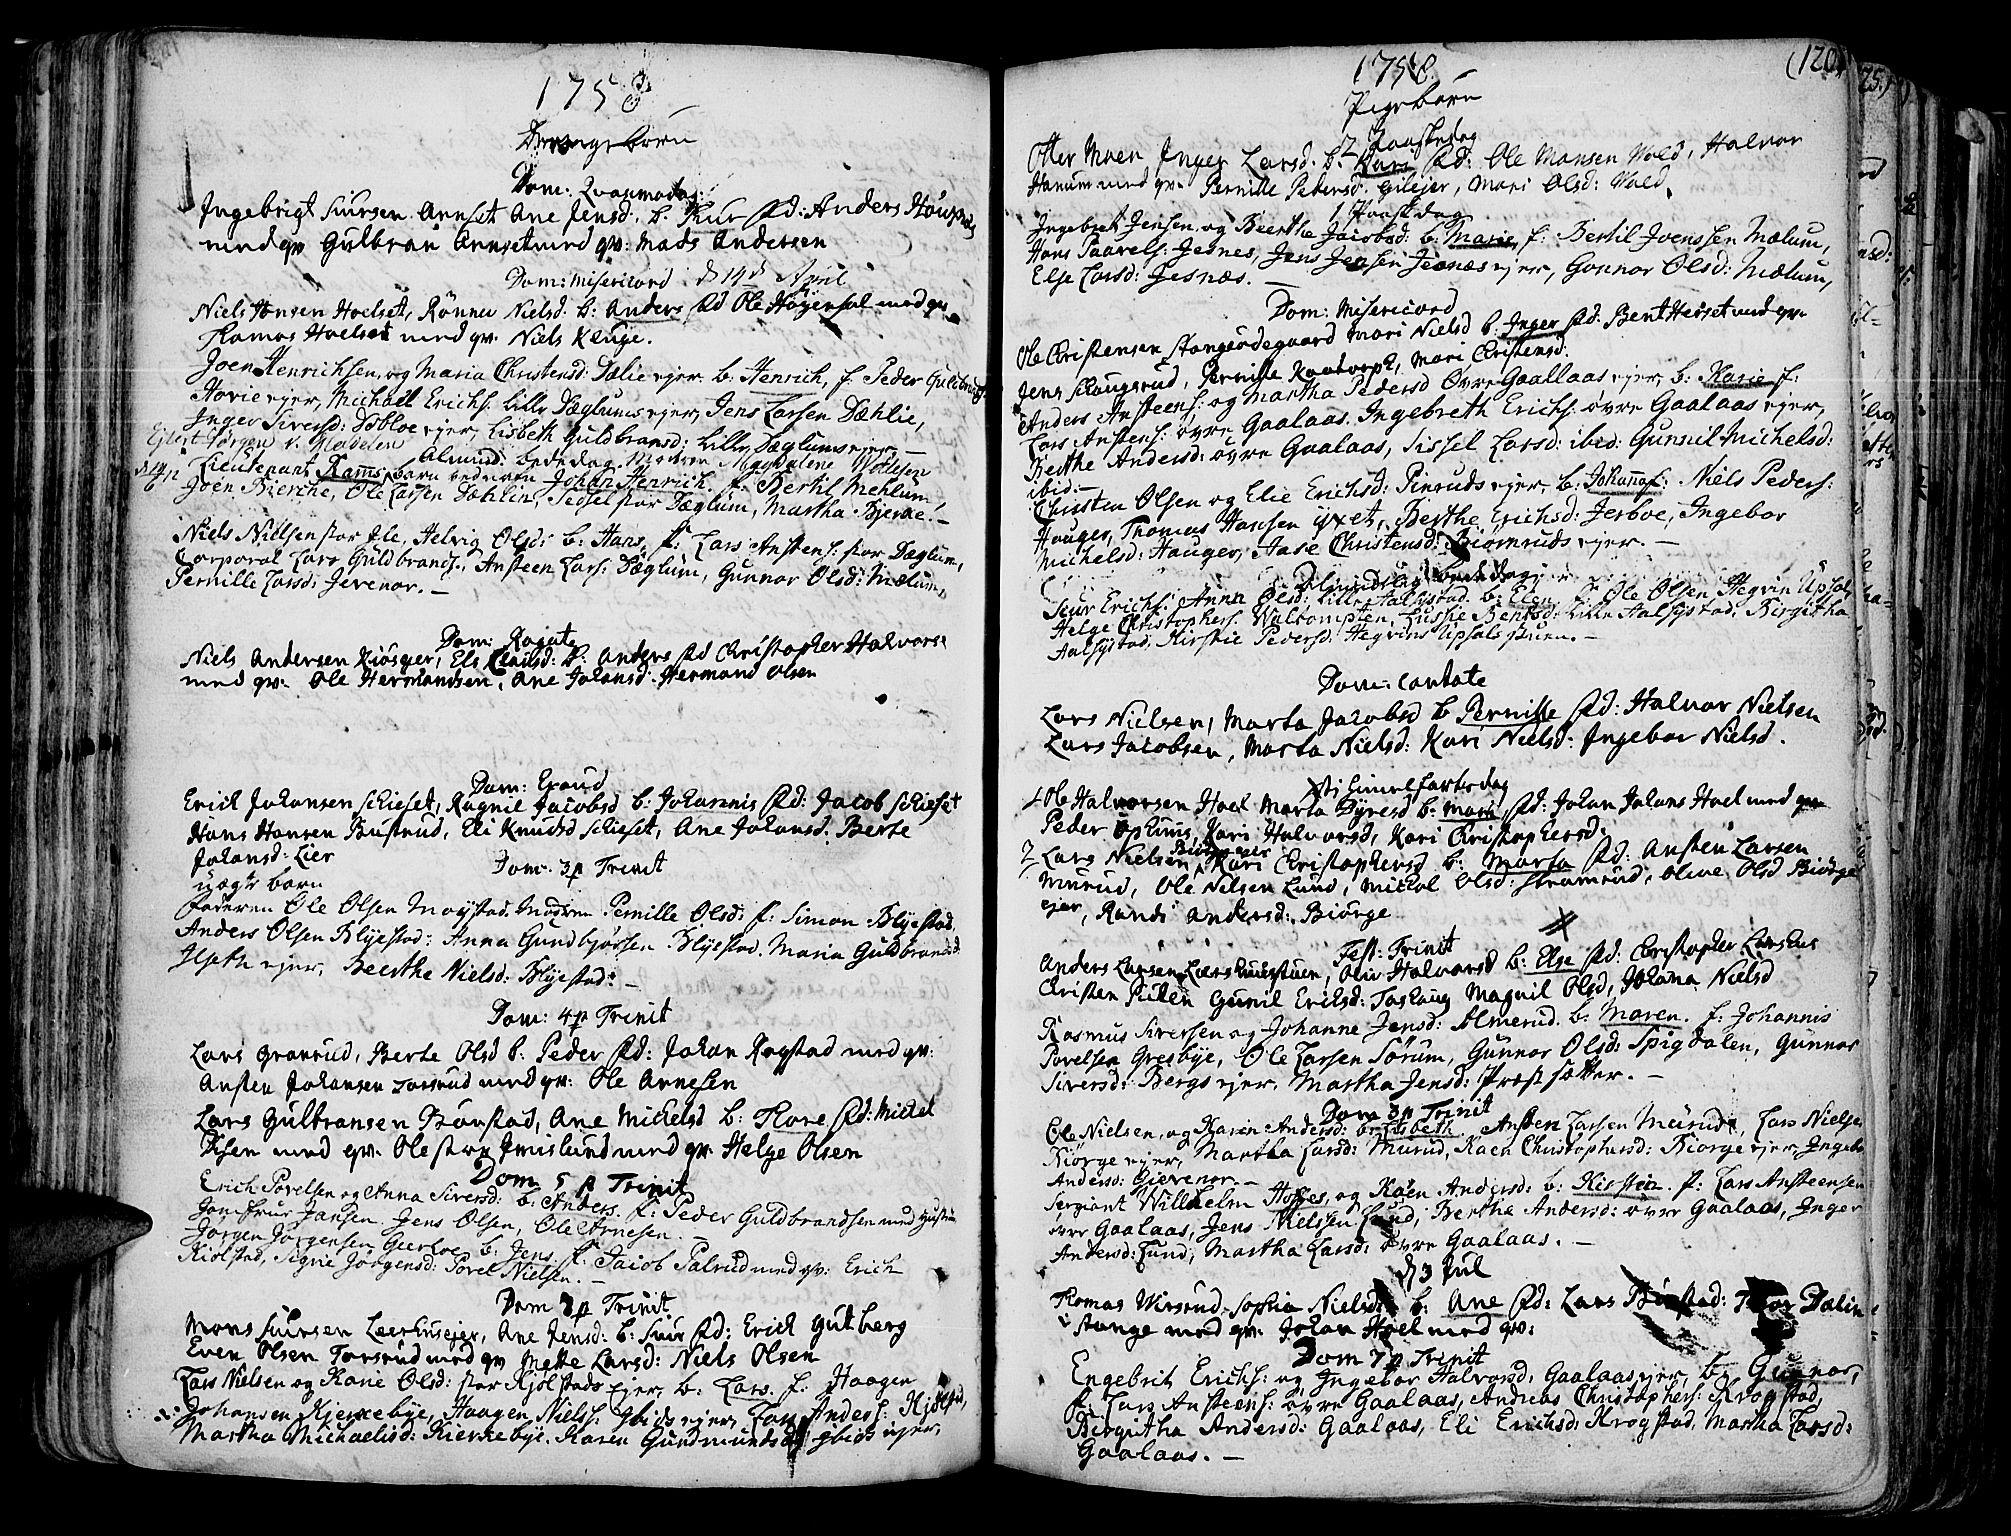 SAH, Vang prestekontor, Hedmark, H/Ha/Haa/L0003: Ministerialbok nr. 3, 1734-1809, s. 120